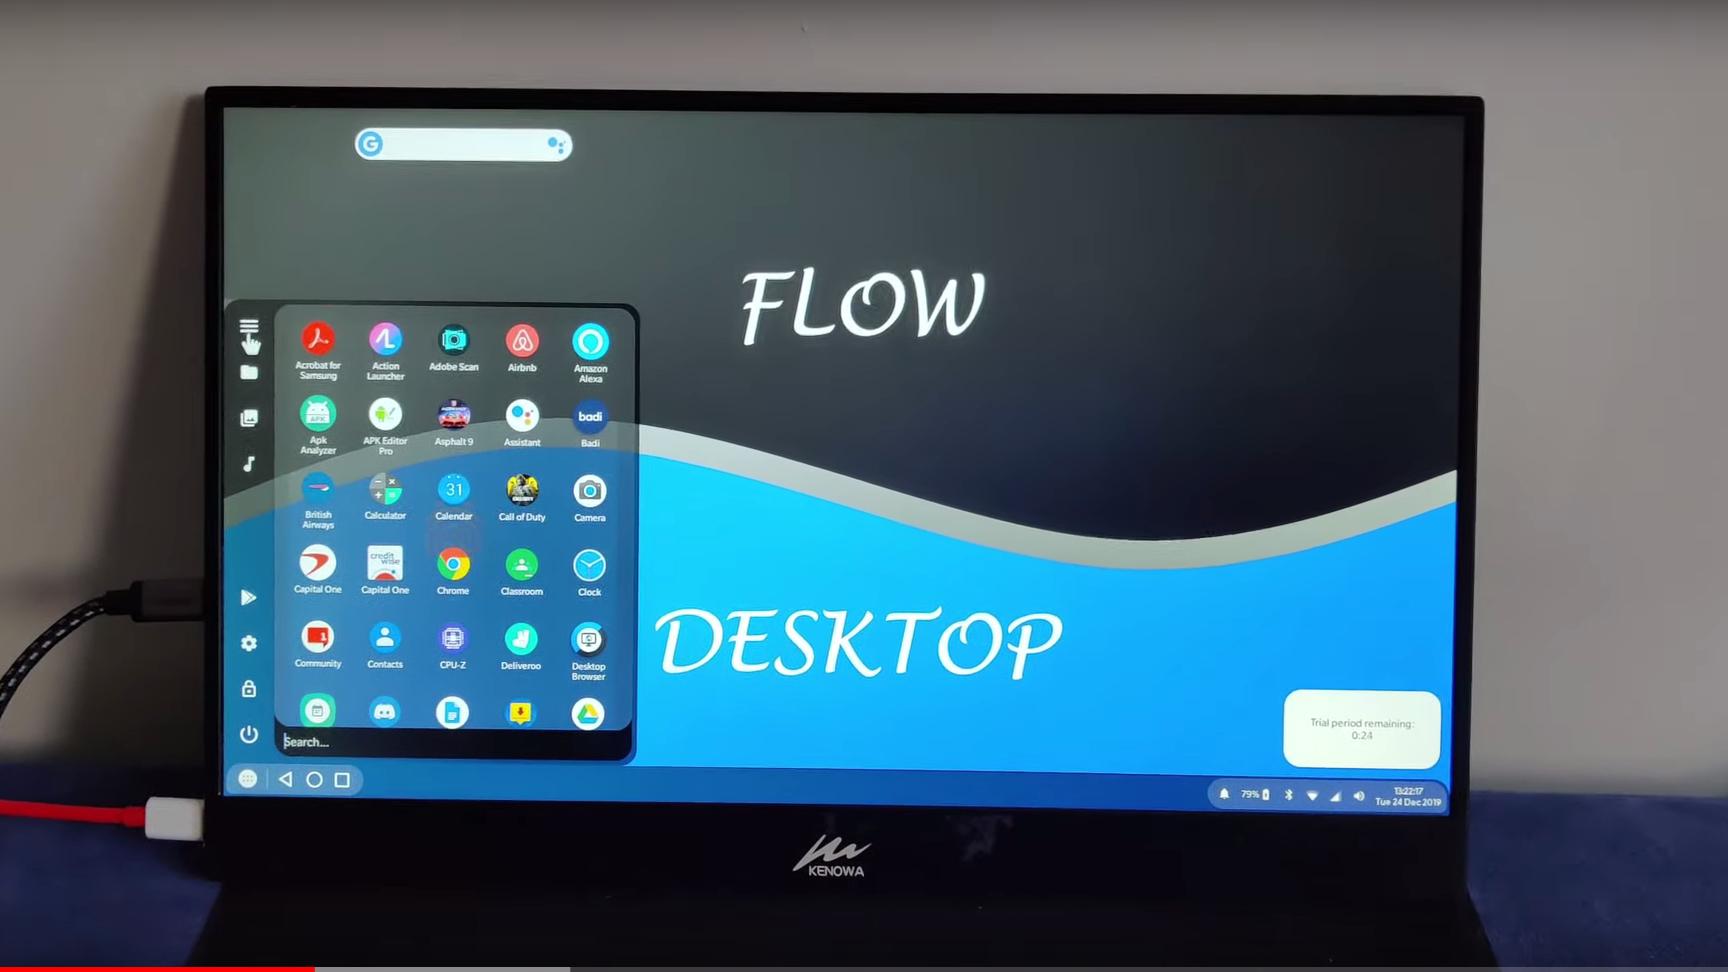 Flow Desktop launcher App